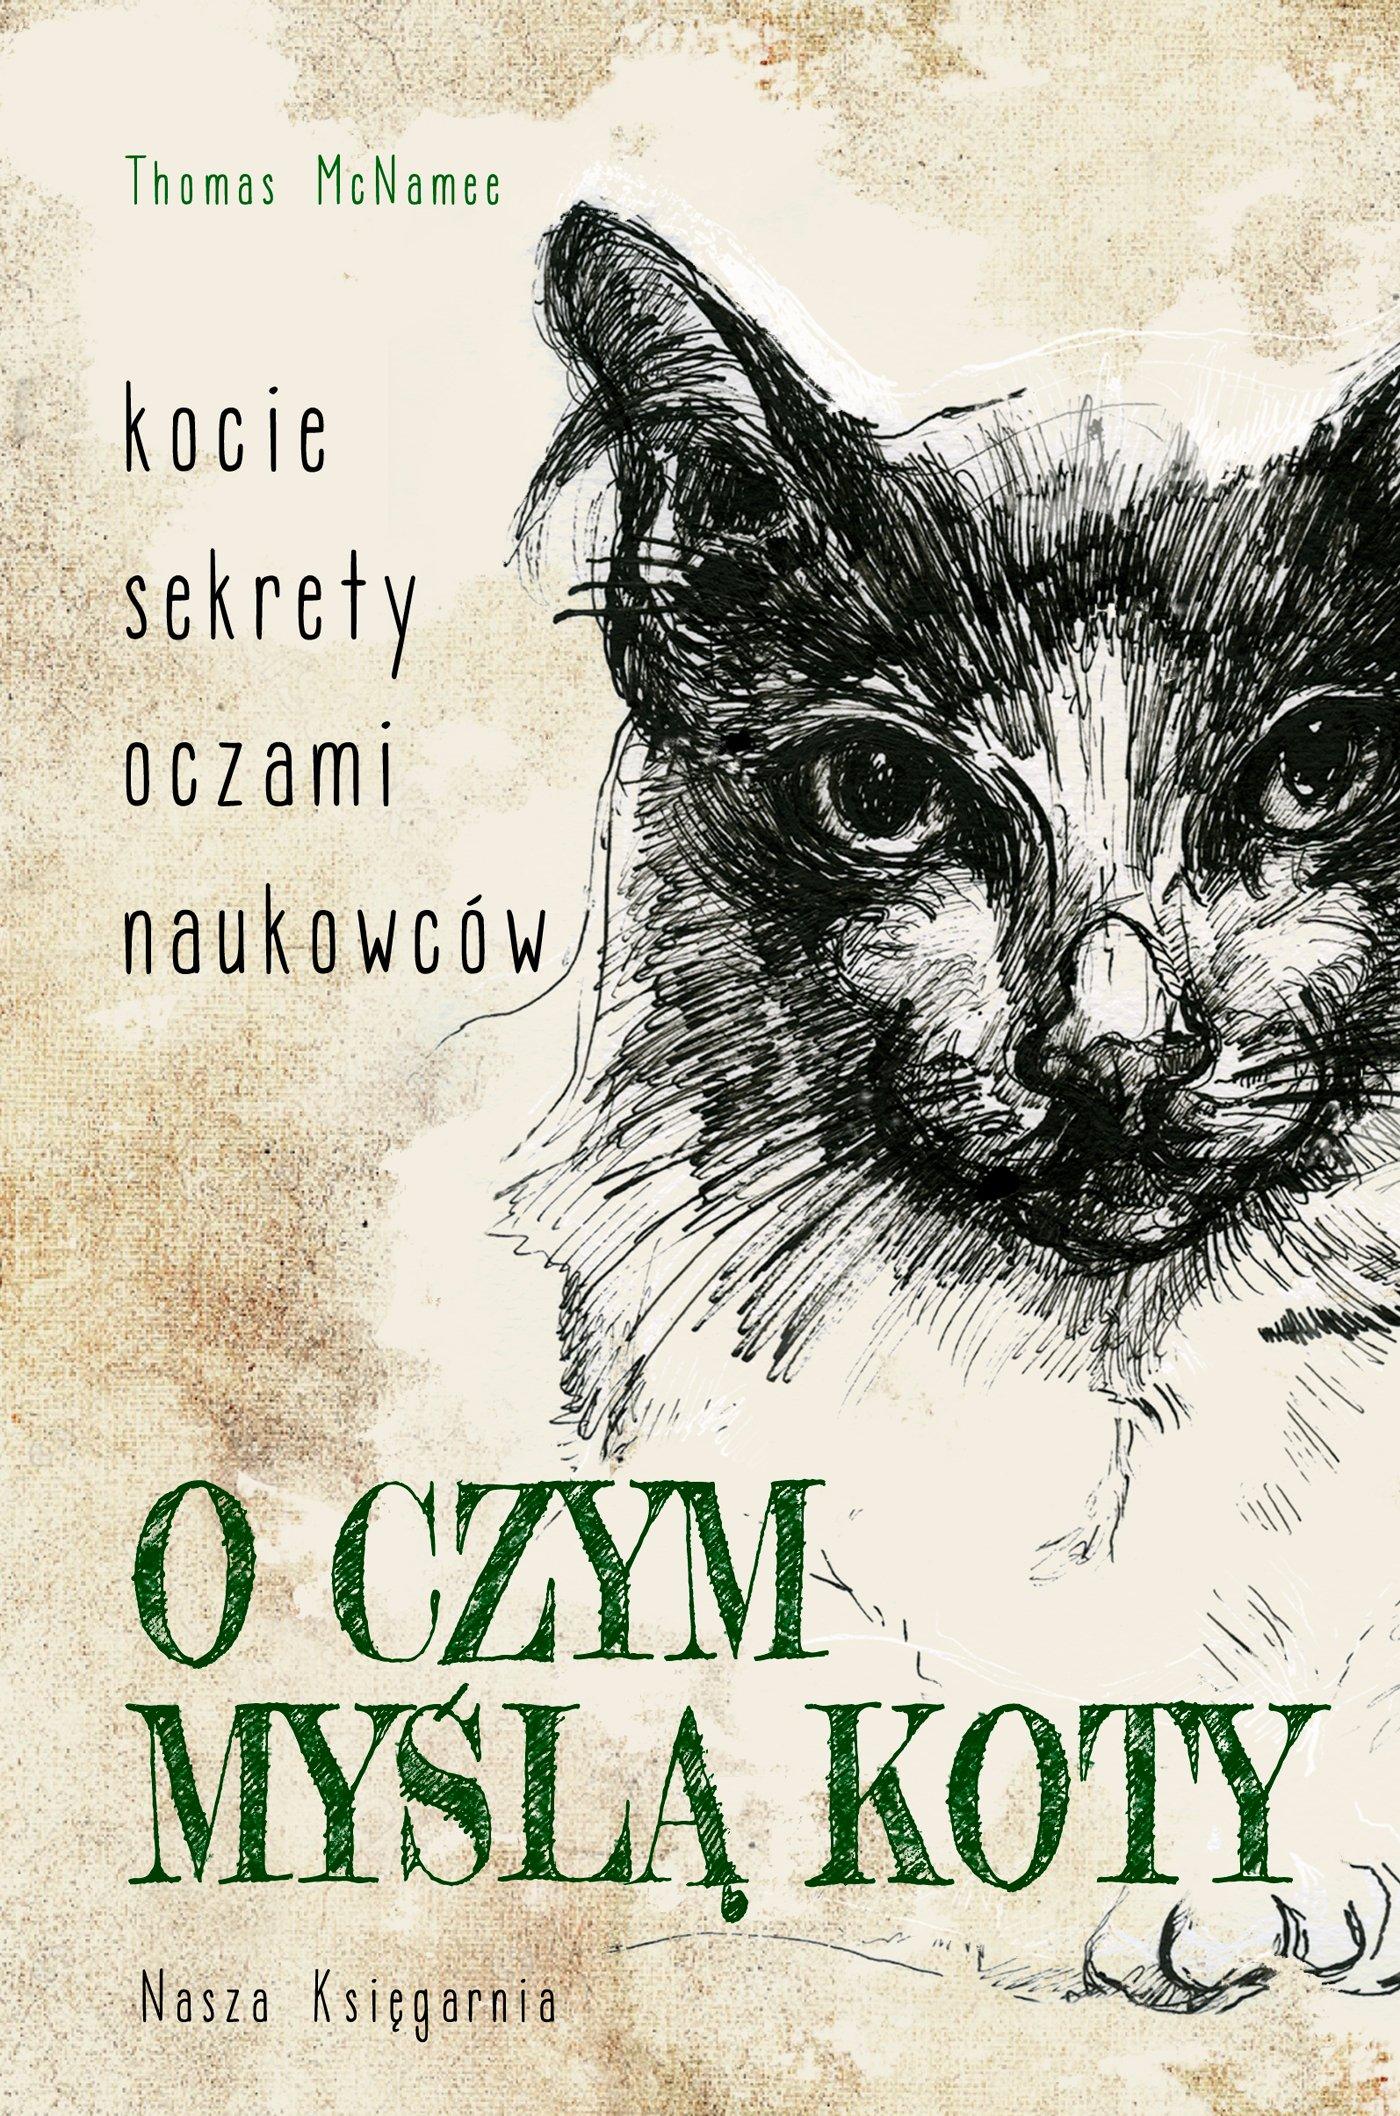 O czym myślą koty. Kocie sekrety oczami naukowców - Ebook (Książka EPUB) do pobrania w formacie EPUB